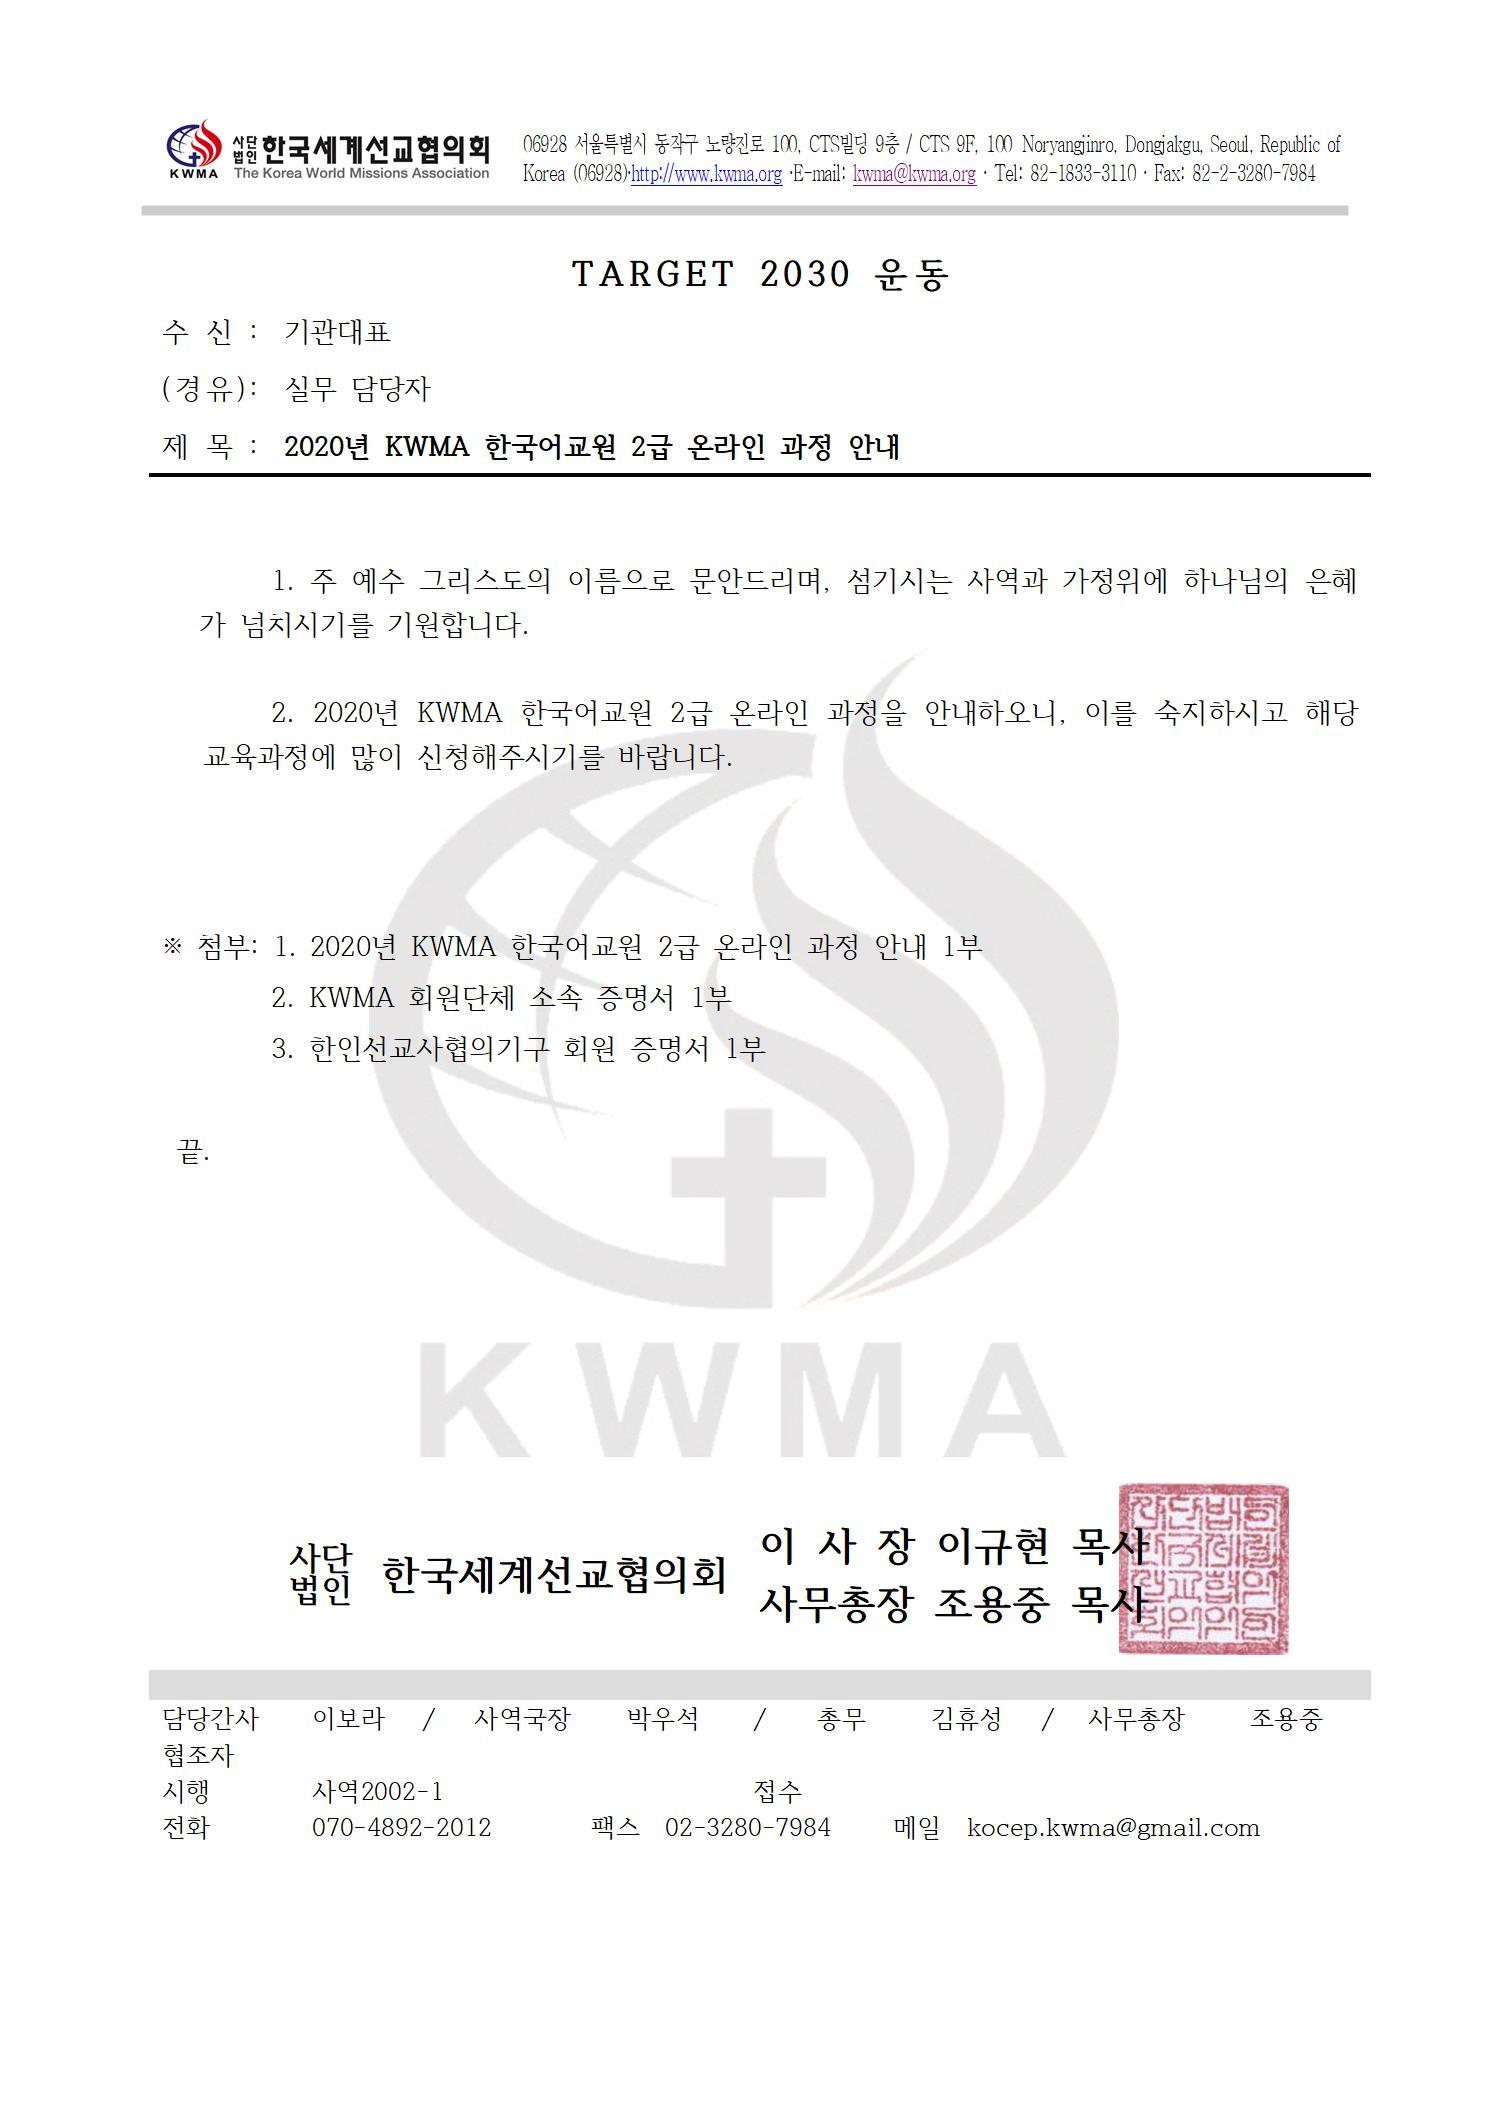 2020년 KWMA 한국어교원 2급 온라인 과정 안내 공문.jpg